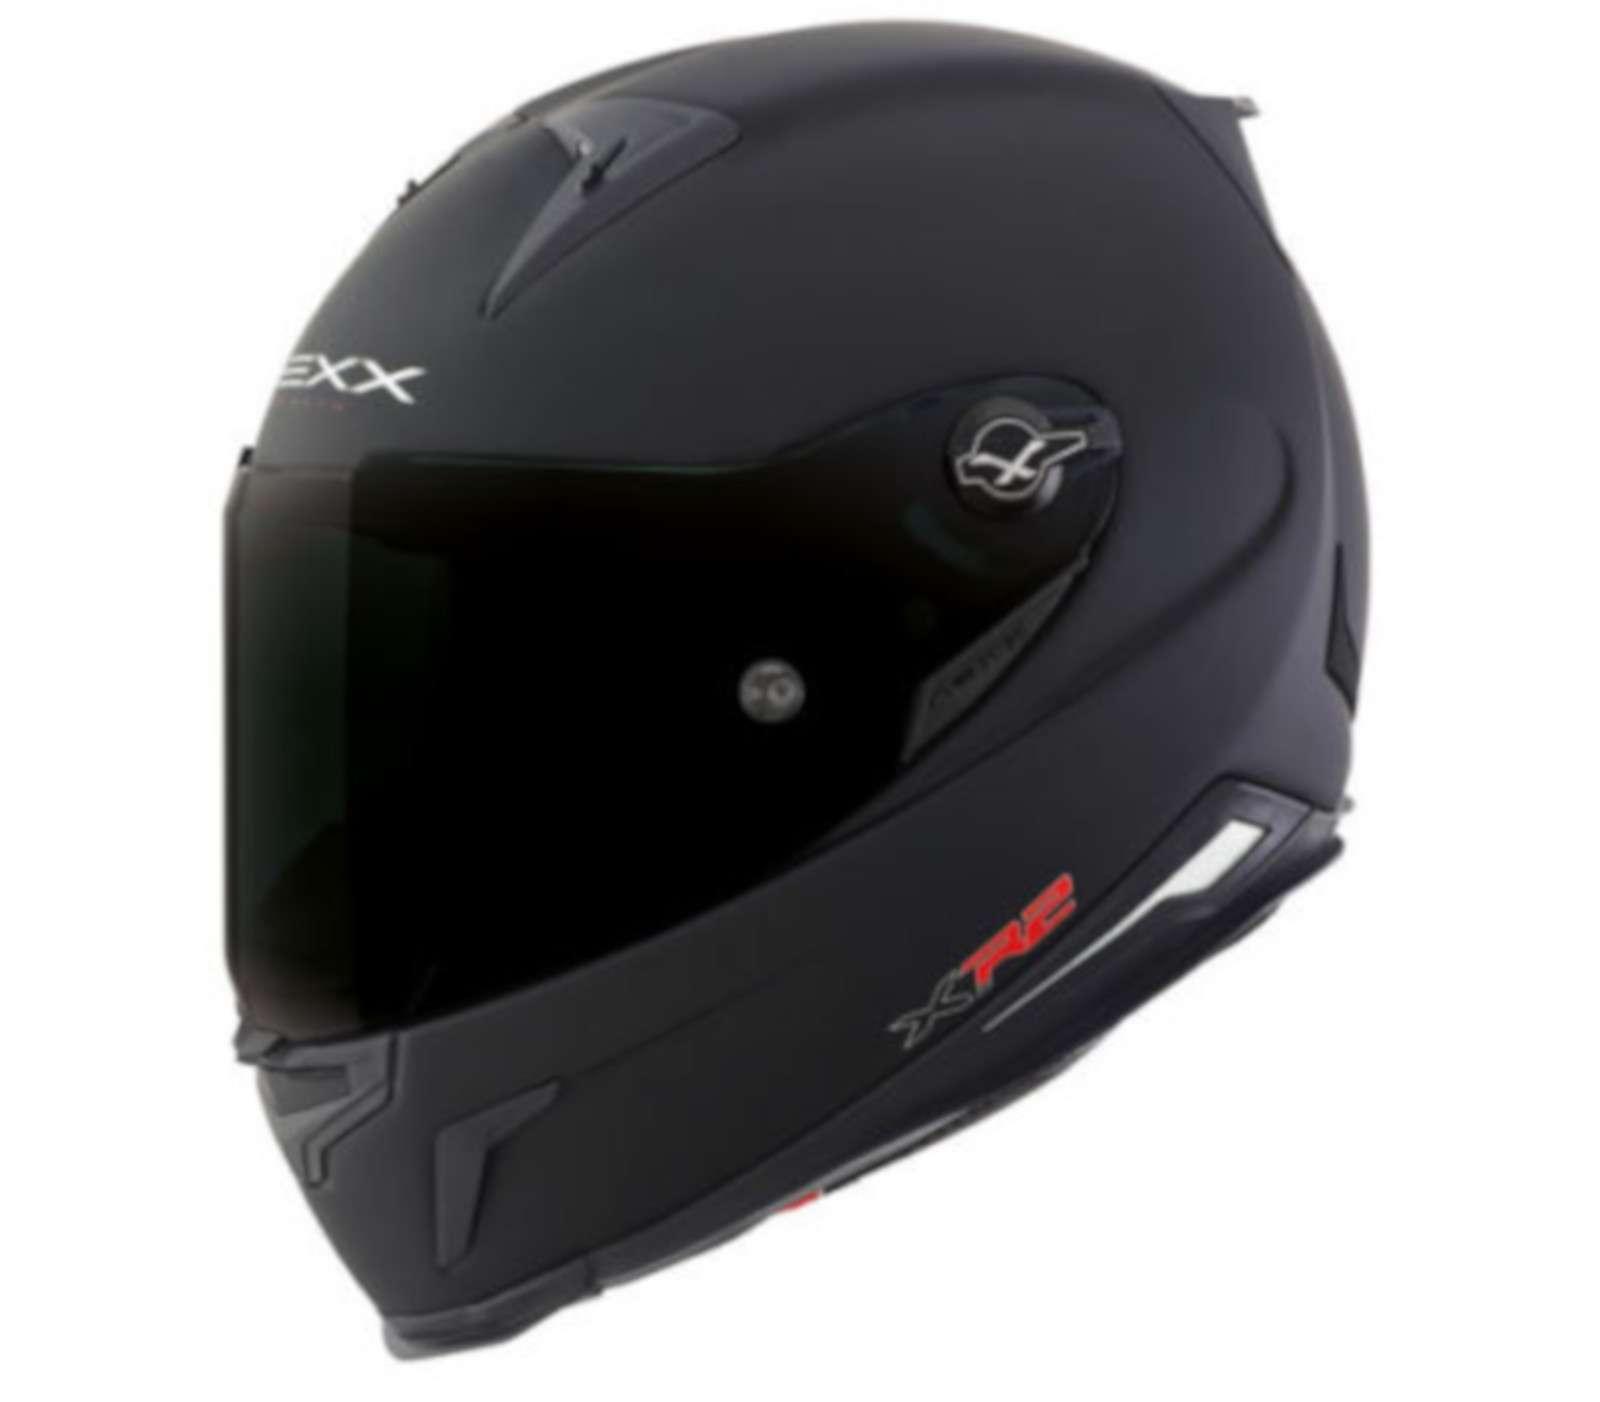 Nexx SX10 Matte Black Helmet